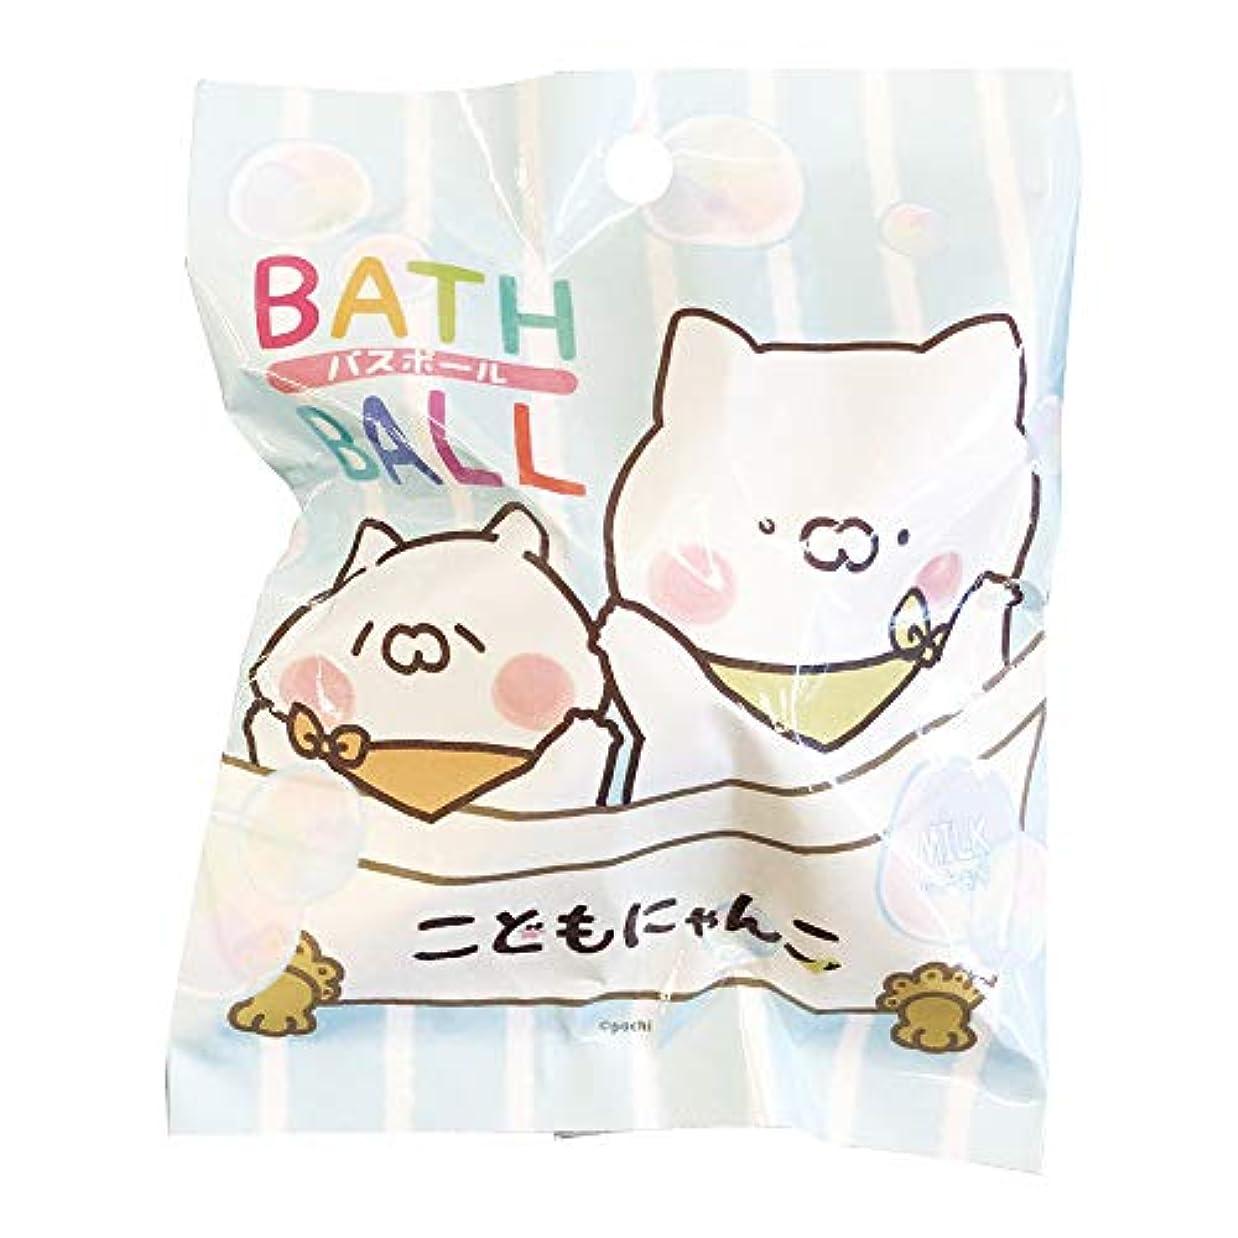 アサー人類記憶に残るこどもにゃんこ 入浴剤 バスボール おまけ付き ミルクの香り 50g ABD-043-001